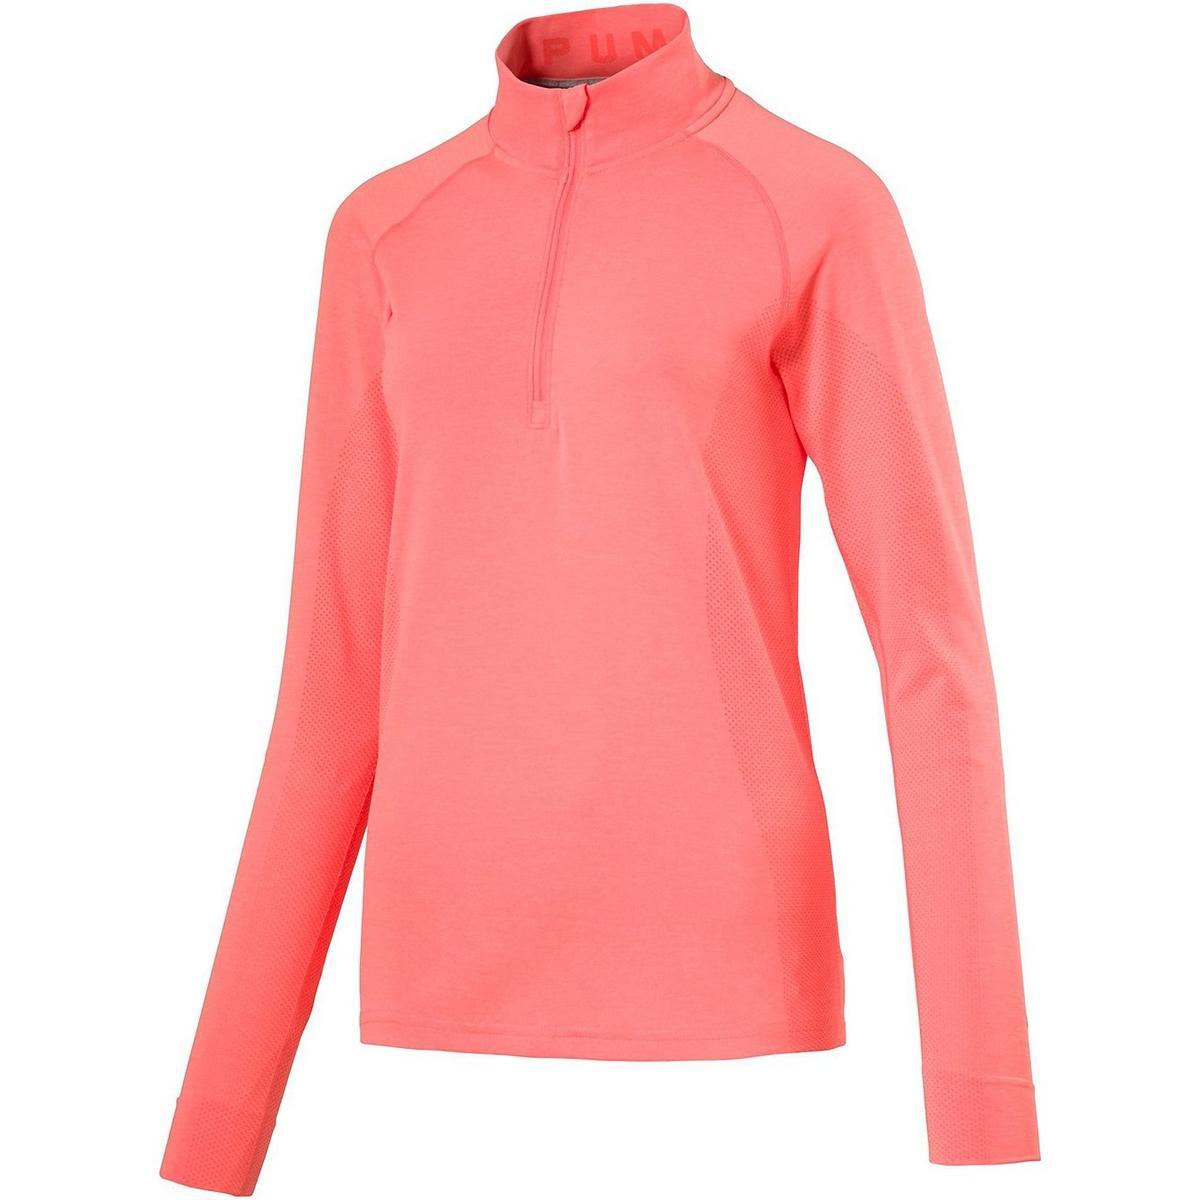 Women s Evoknit Seamless Quarter Zip Sweater   Golf Town Limited 0bee64512a